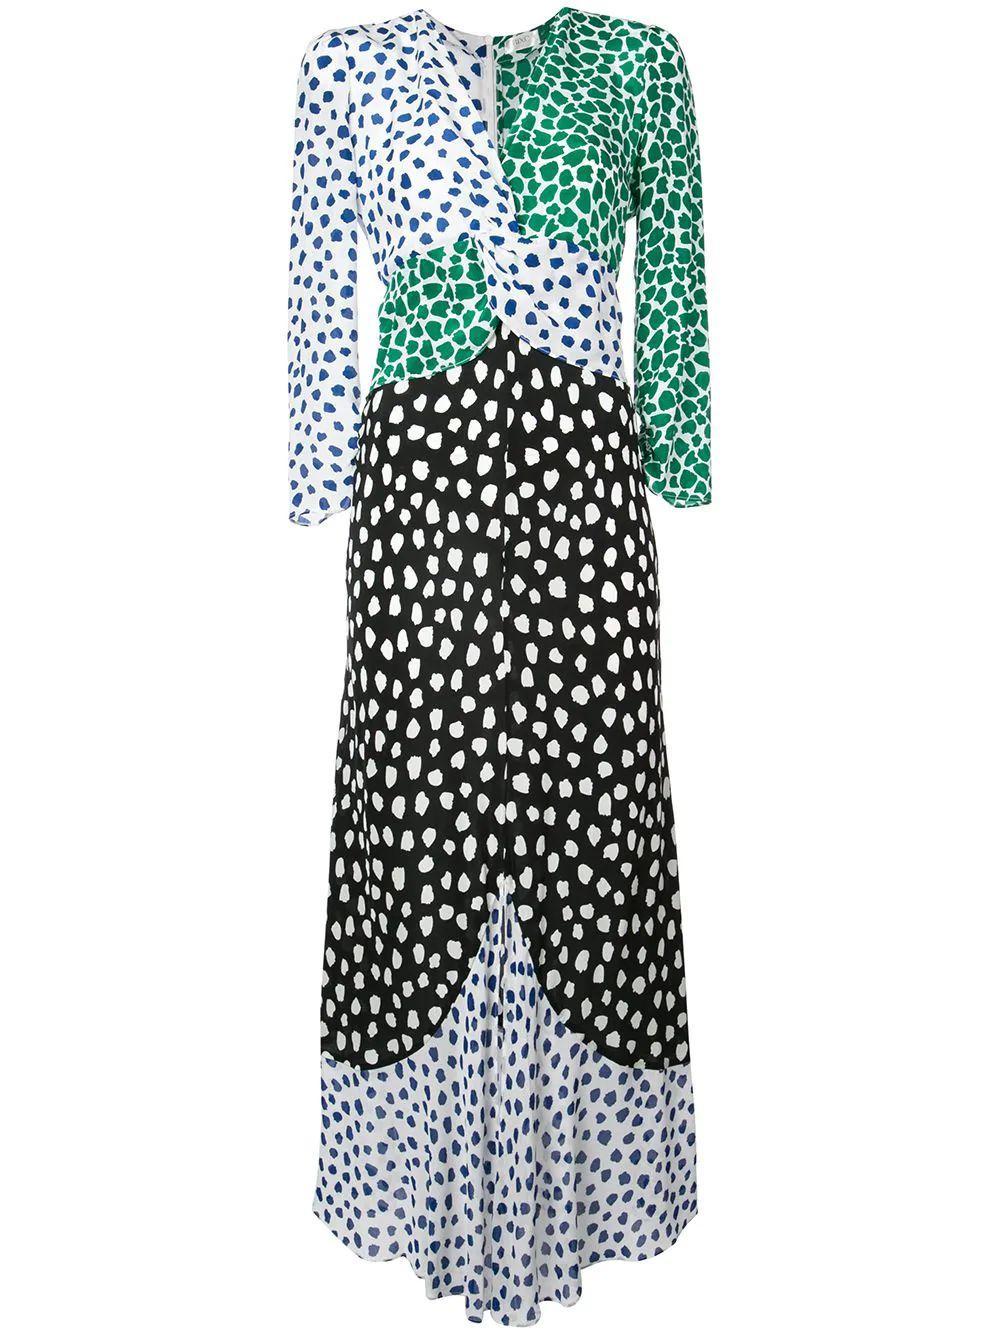 Chelsea Mix Print Georgette Item # RIX10_238_SS19_356